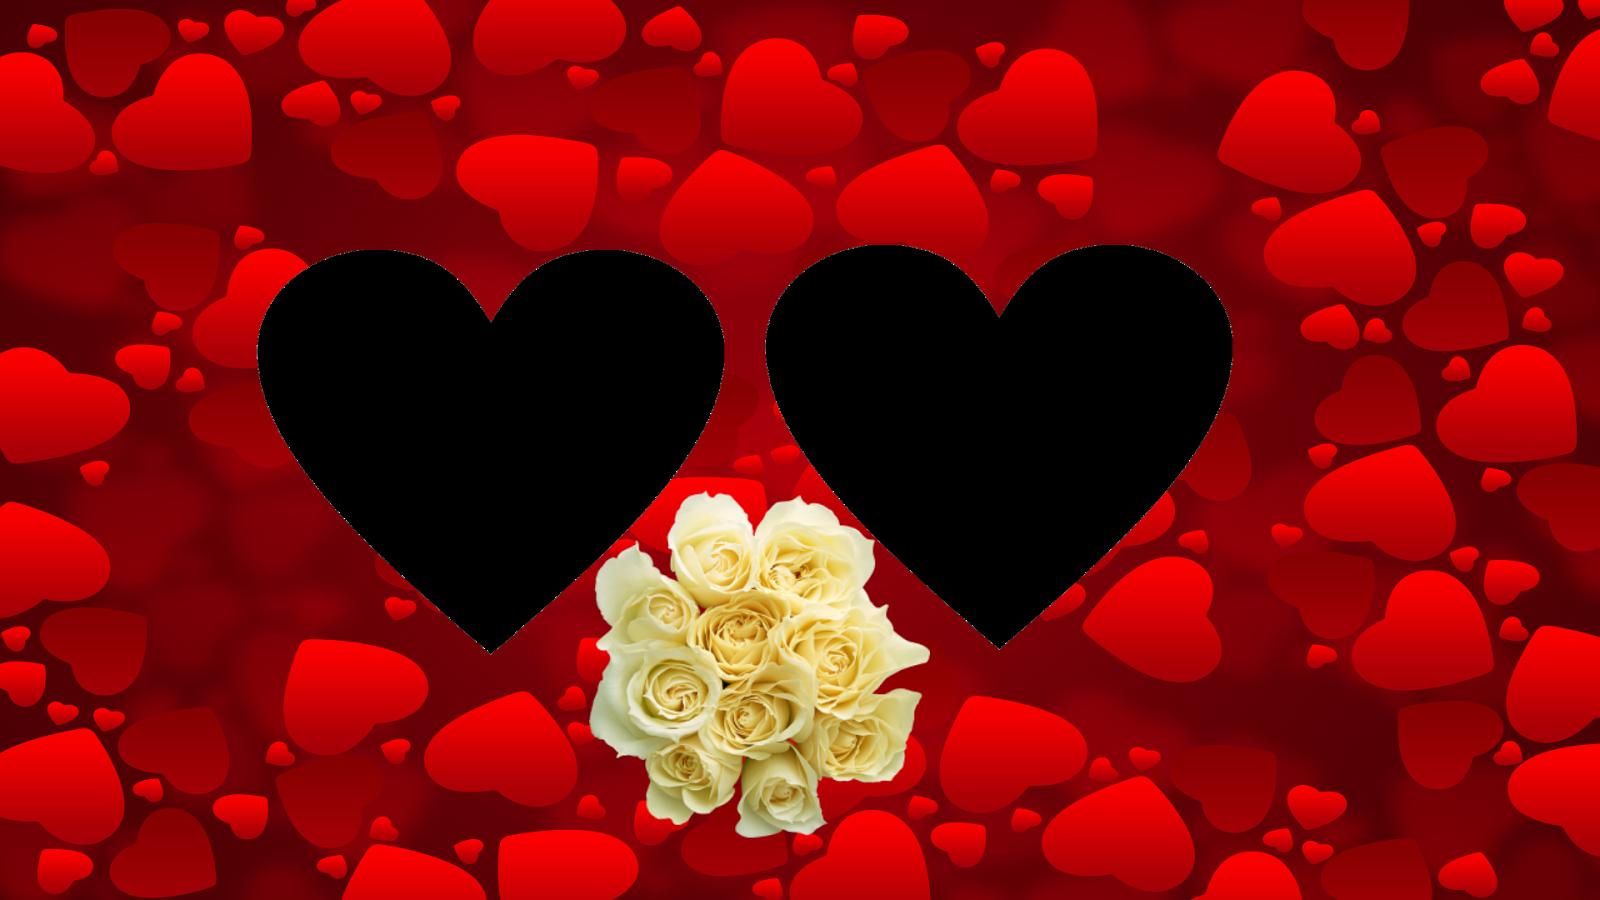 Coraçoes TR com ramo rosas_dia dos namorados png